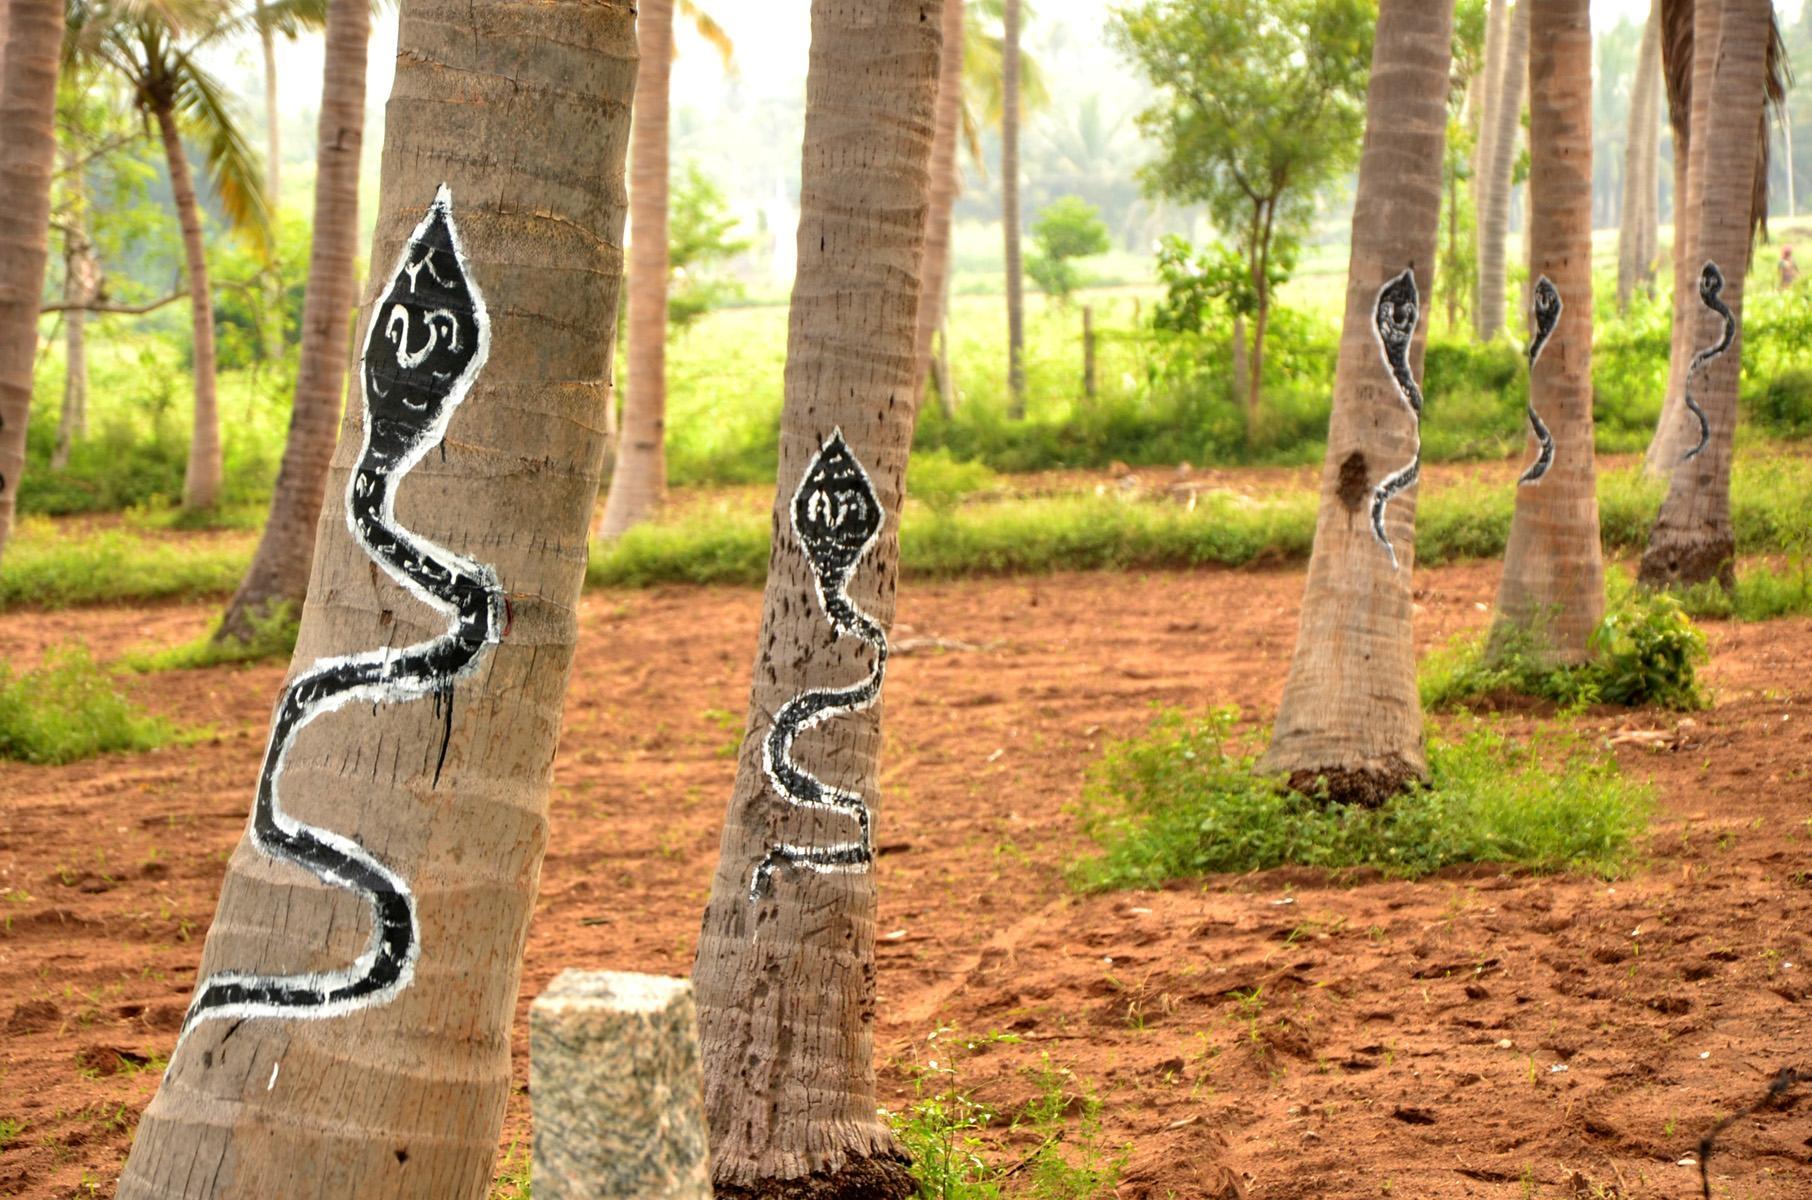 சிங்கம்புணரி விவசாயியின் தென்னை மரங்கள்